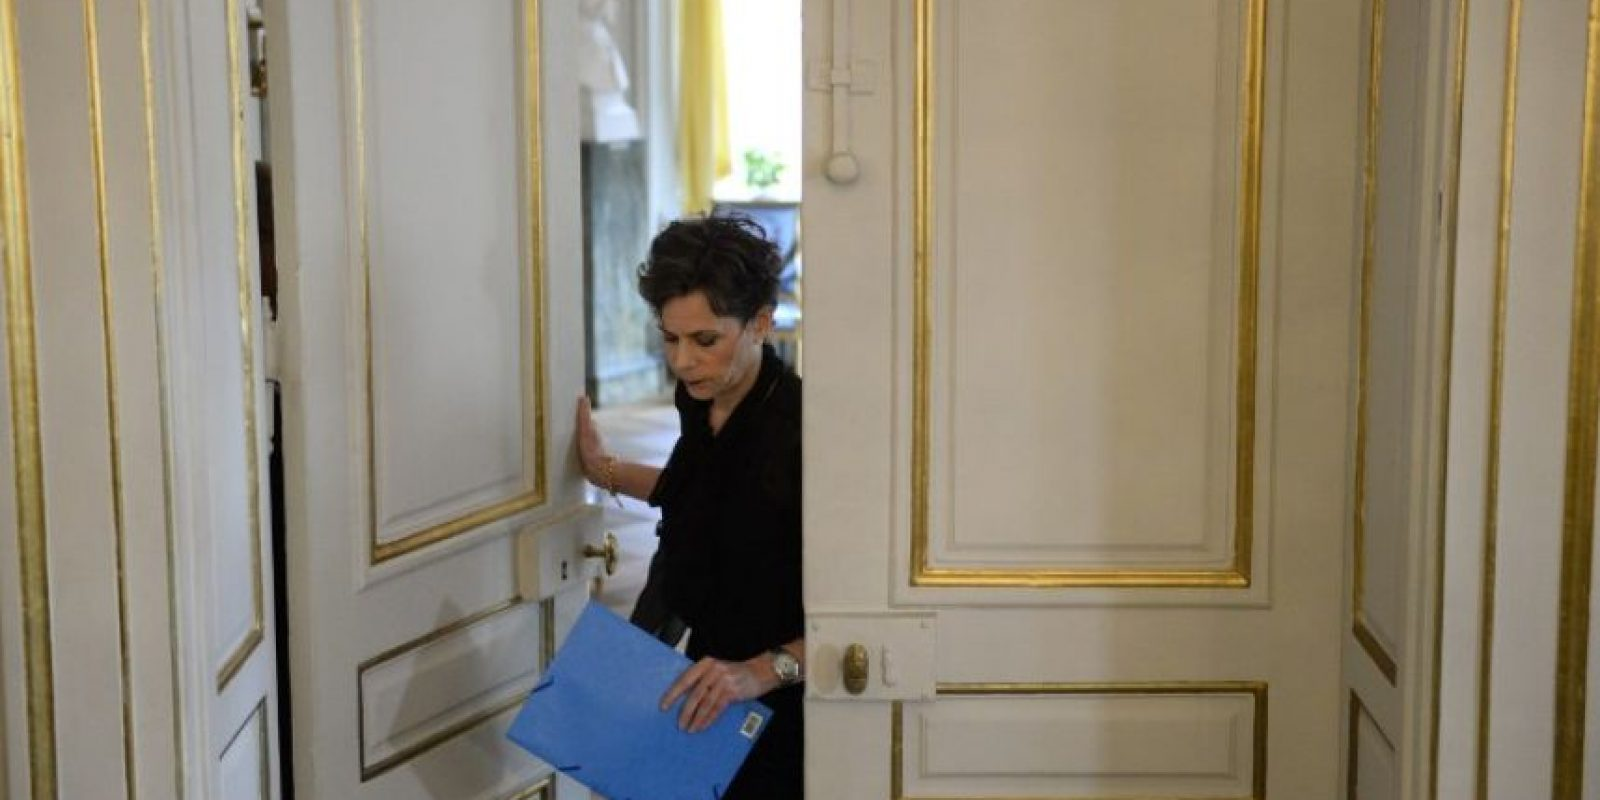 Svetlana Alexievich era una de las favoritas según las casas de apuesta para ganar el Premio Nobel de Literatura Foto:AFP